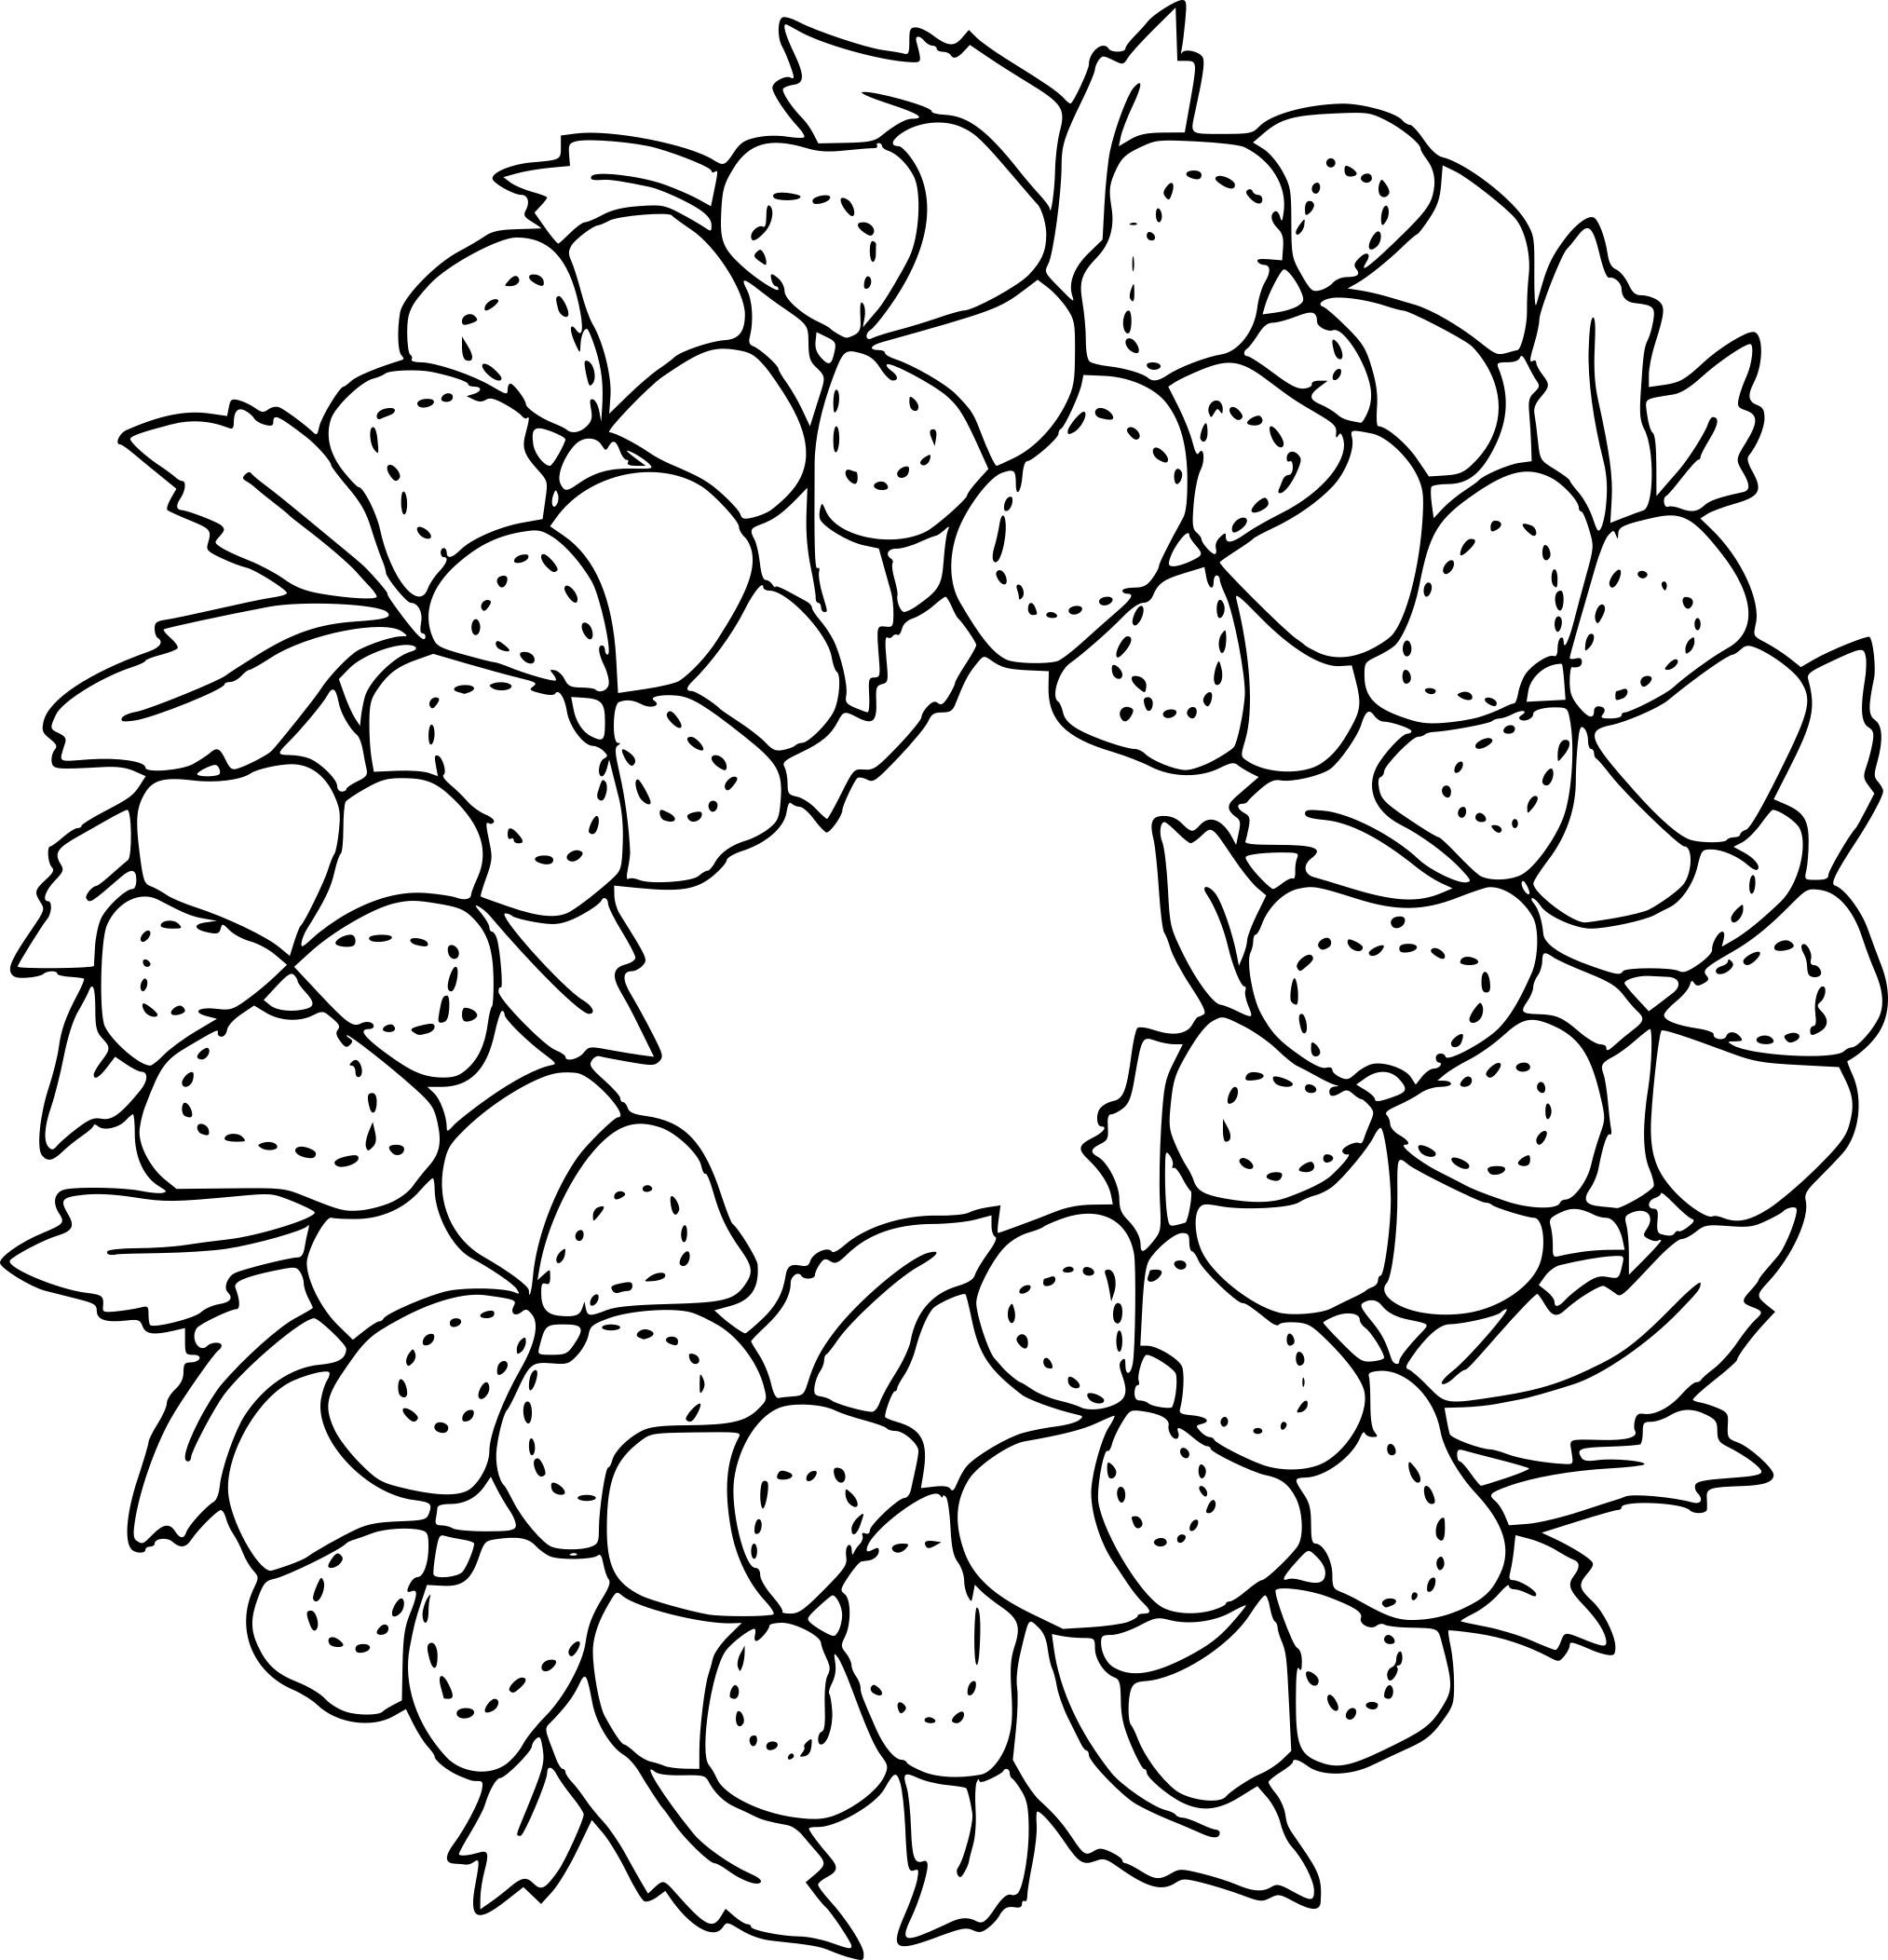 Coloriage Couronne De Fleur À Imprimer Sur Coloriages serapportantà Coloriage Bouquet De Fleurs A Imprimer